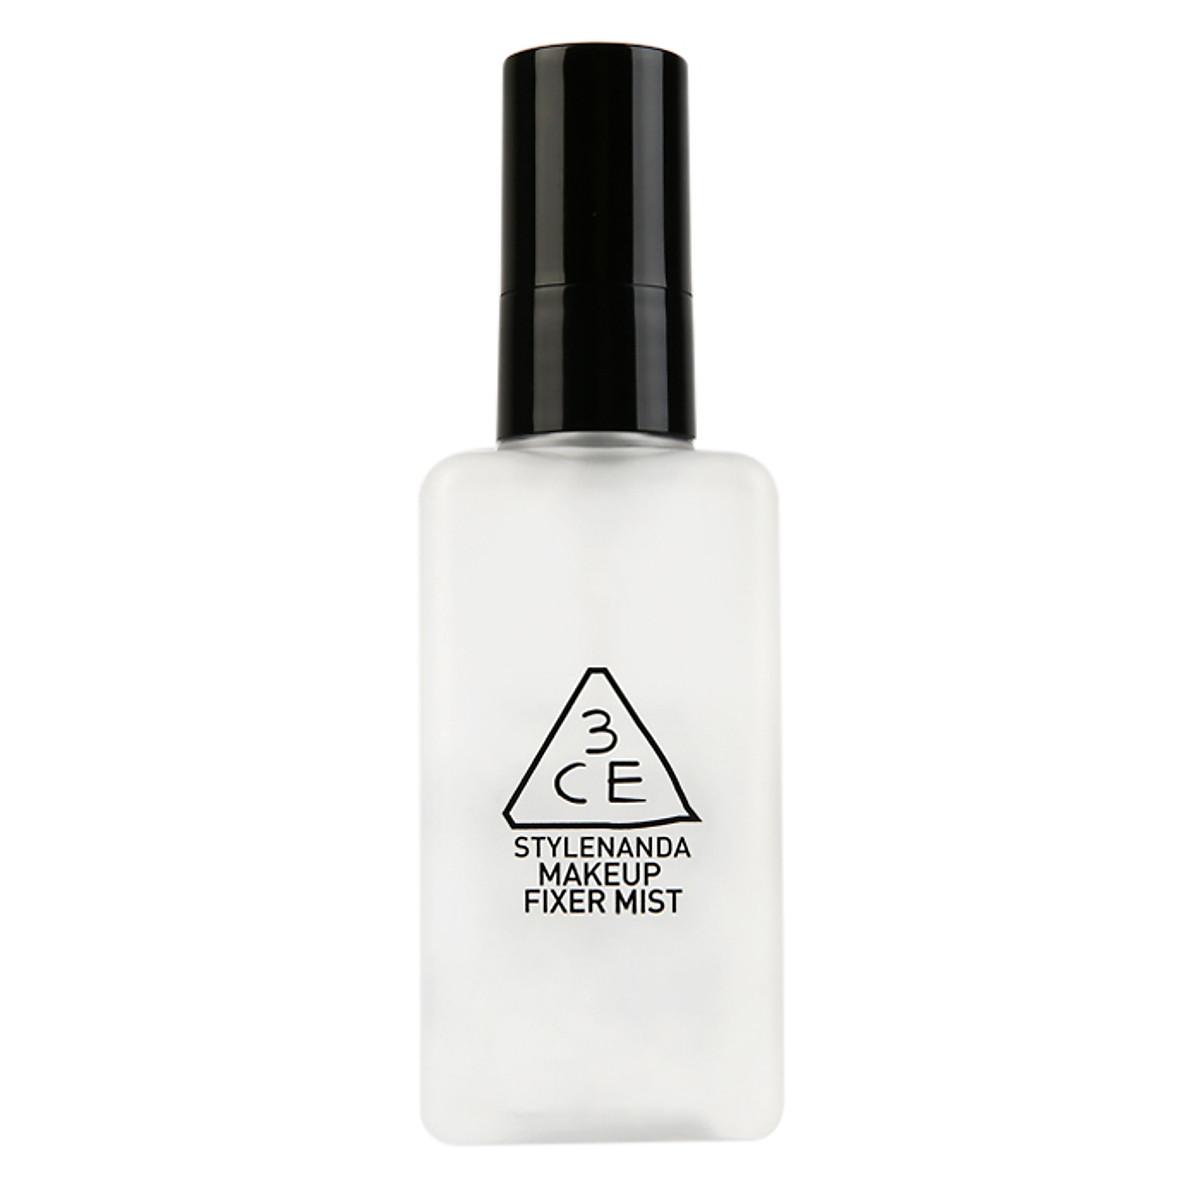 it-khoa-nen-3ce-makeup-fier-mist-review-thanh-phan-gia-cong-dung